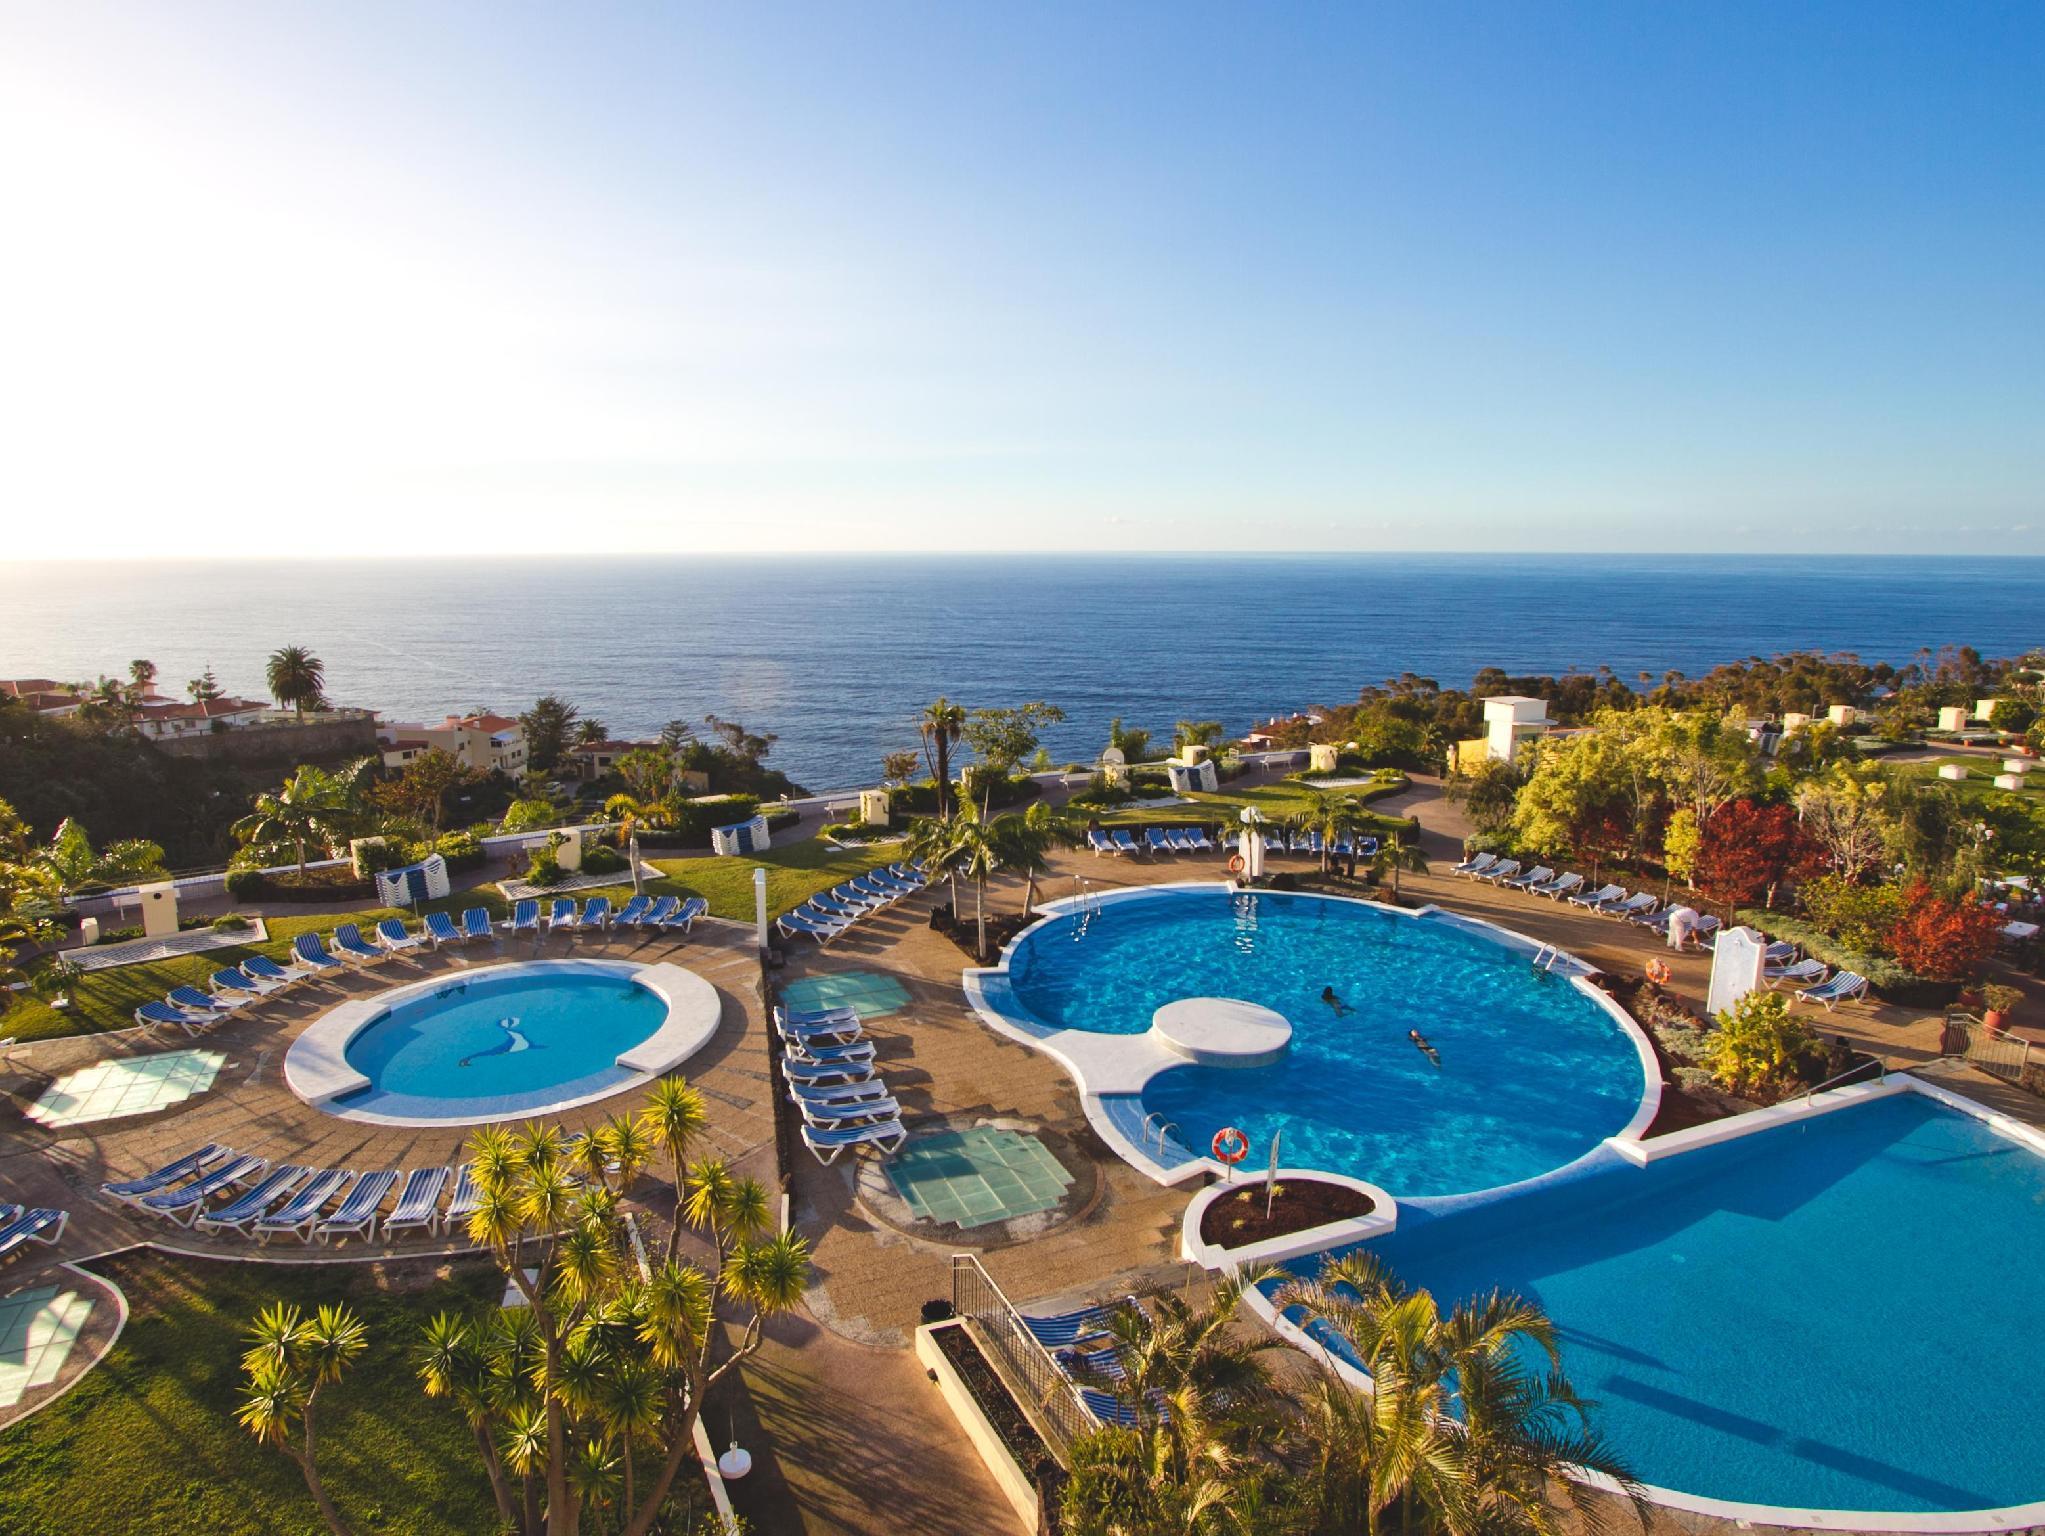 Hotel Spa La Quinta Park Suites - Tenerife